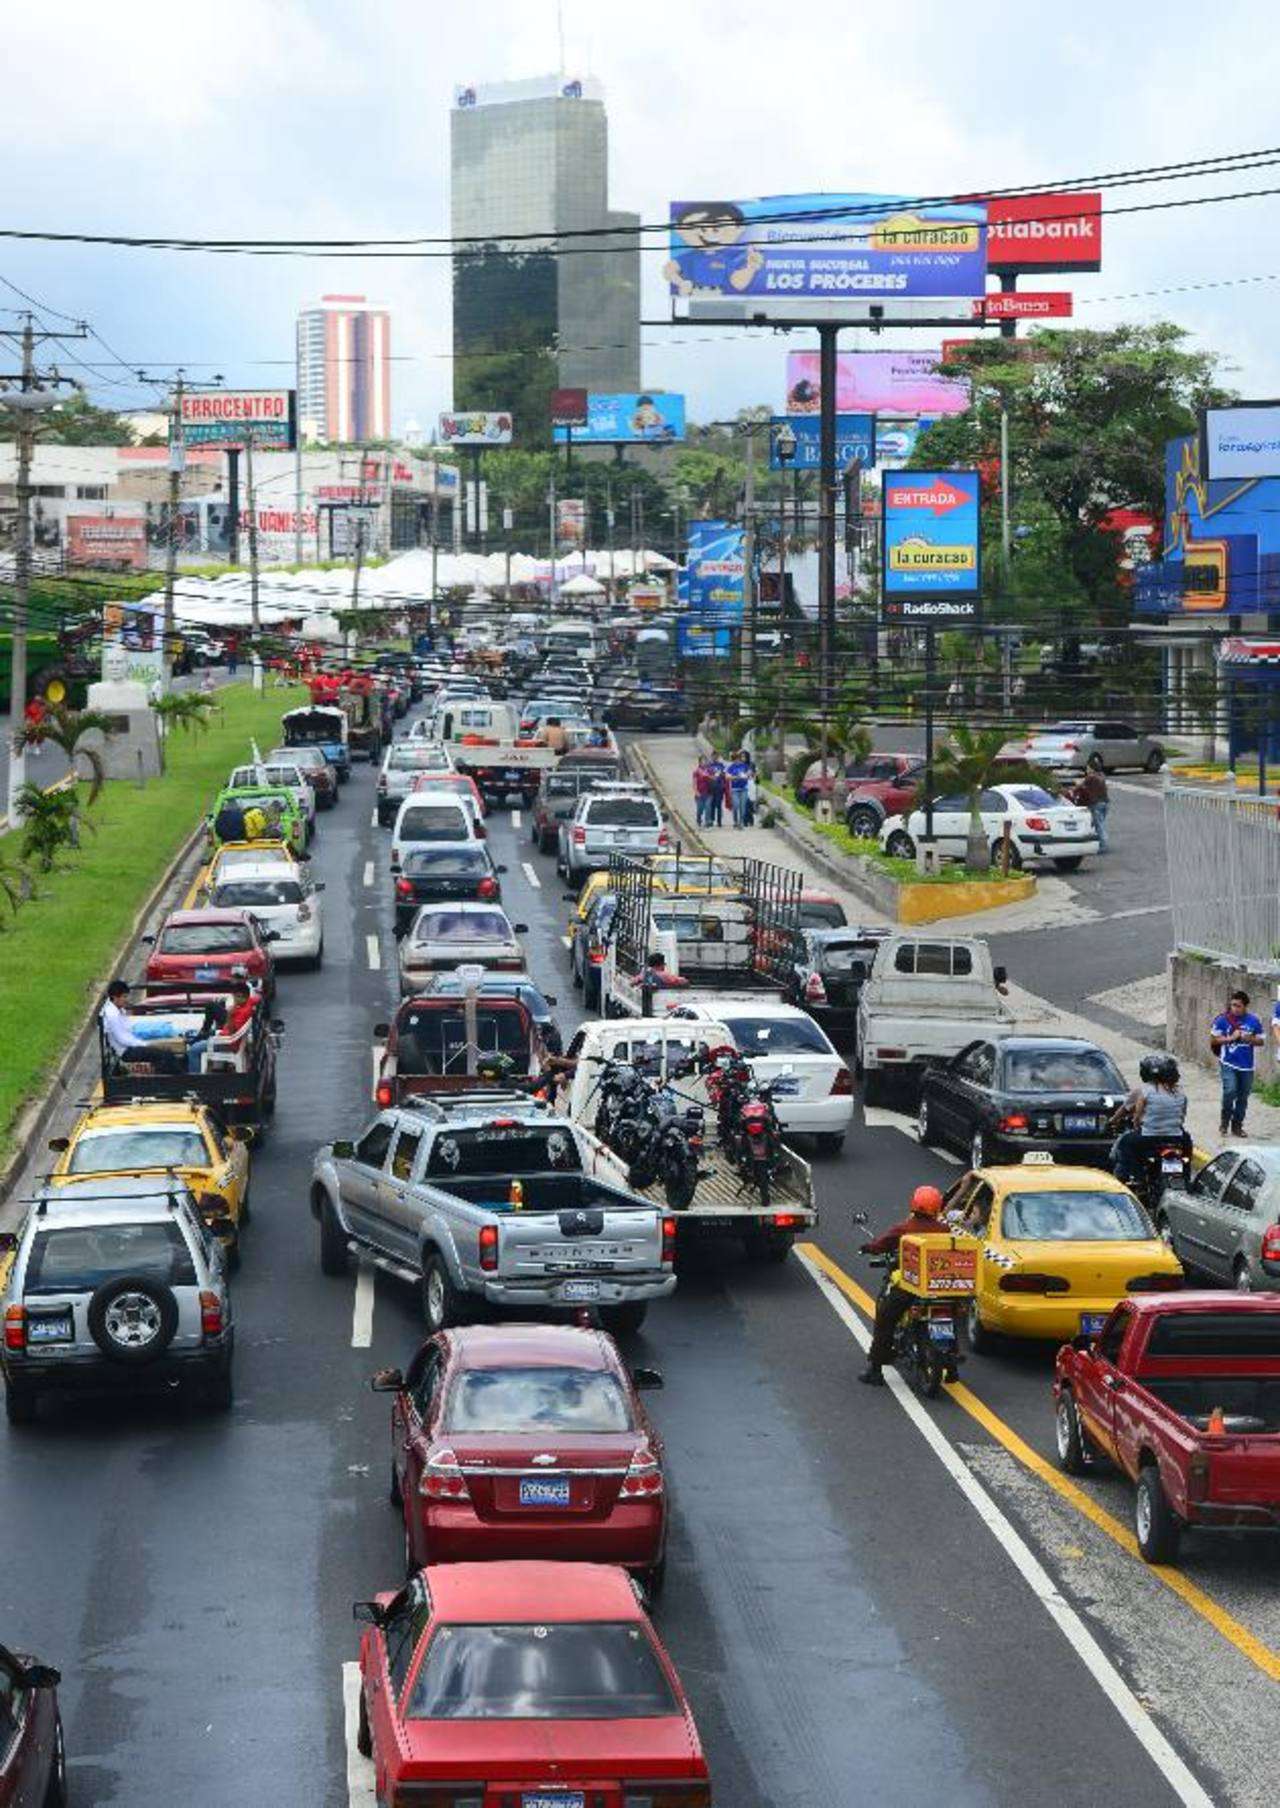 El cierre del bulevar Los Próceres y el inicio del Diego de Holguín fue suficiente para generar un descomunal desorden de tráfico durante buena parte del sábado en el sur de la capital. Foto EDH / douglas urquilla